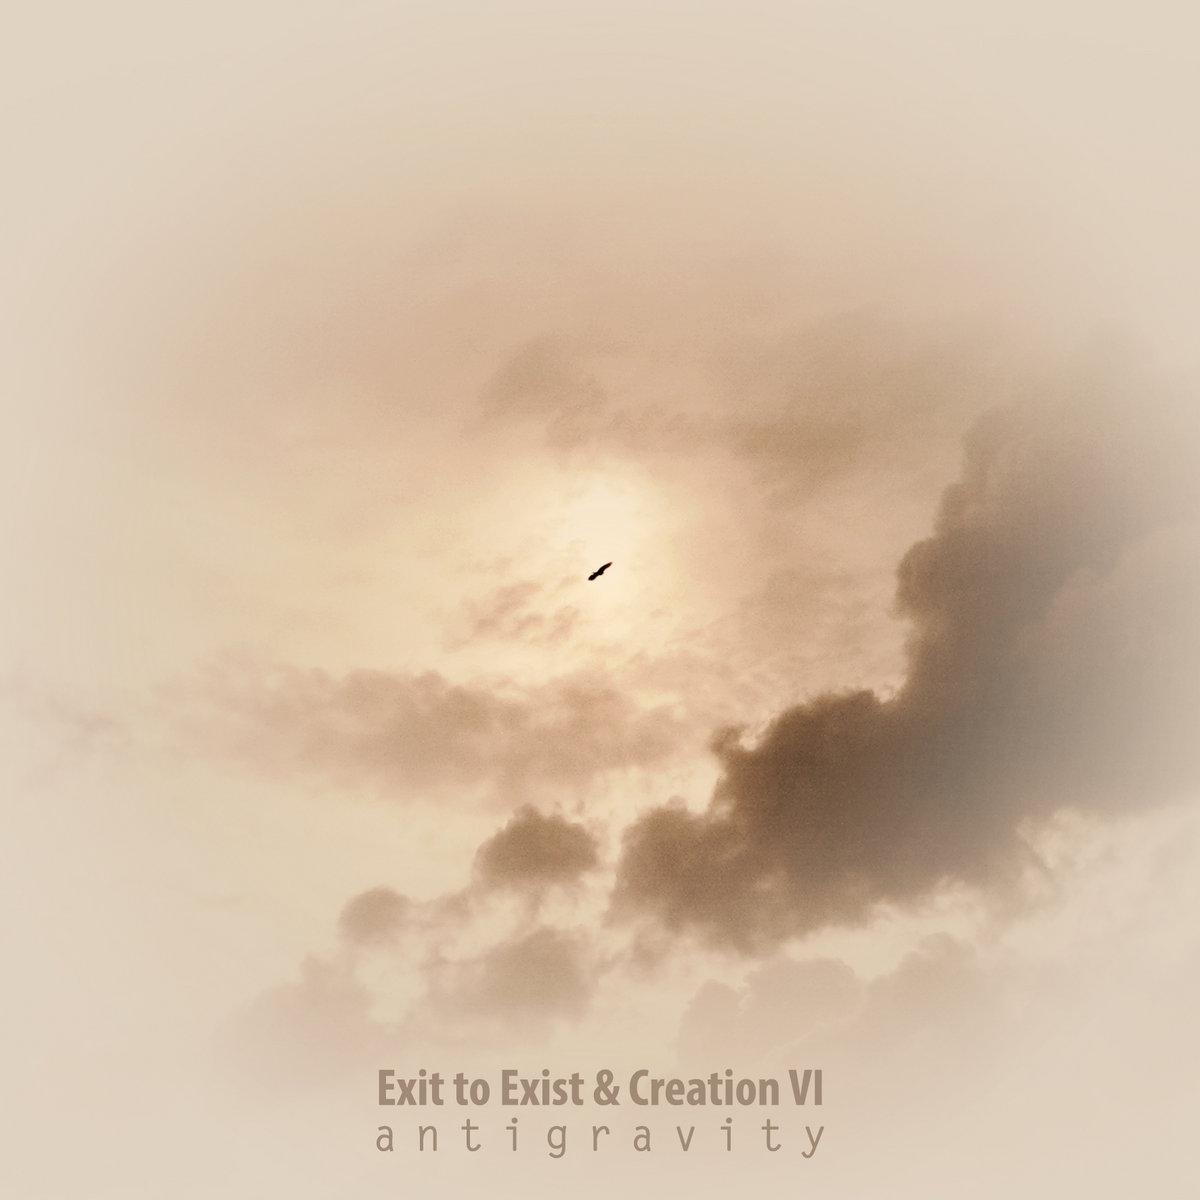 Exit to Exist & Creation VI - Antigravity (2013)